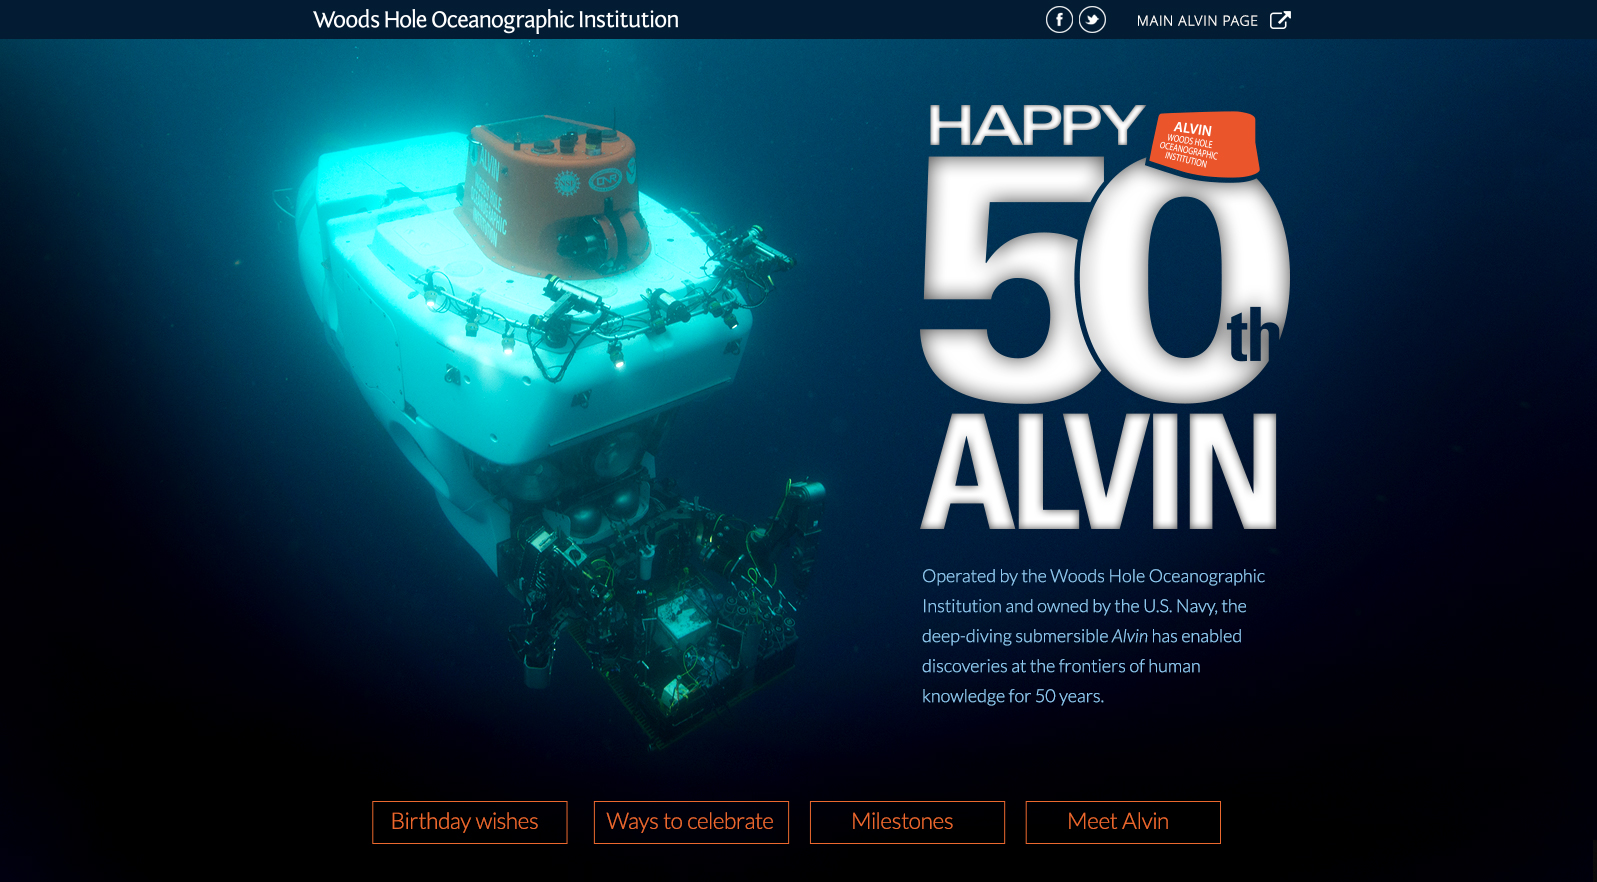 Happy 50th Alvin